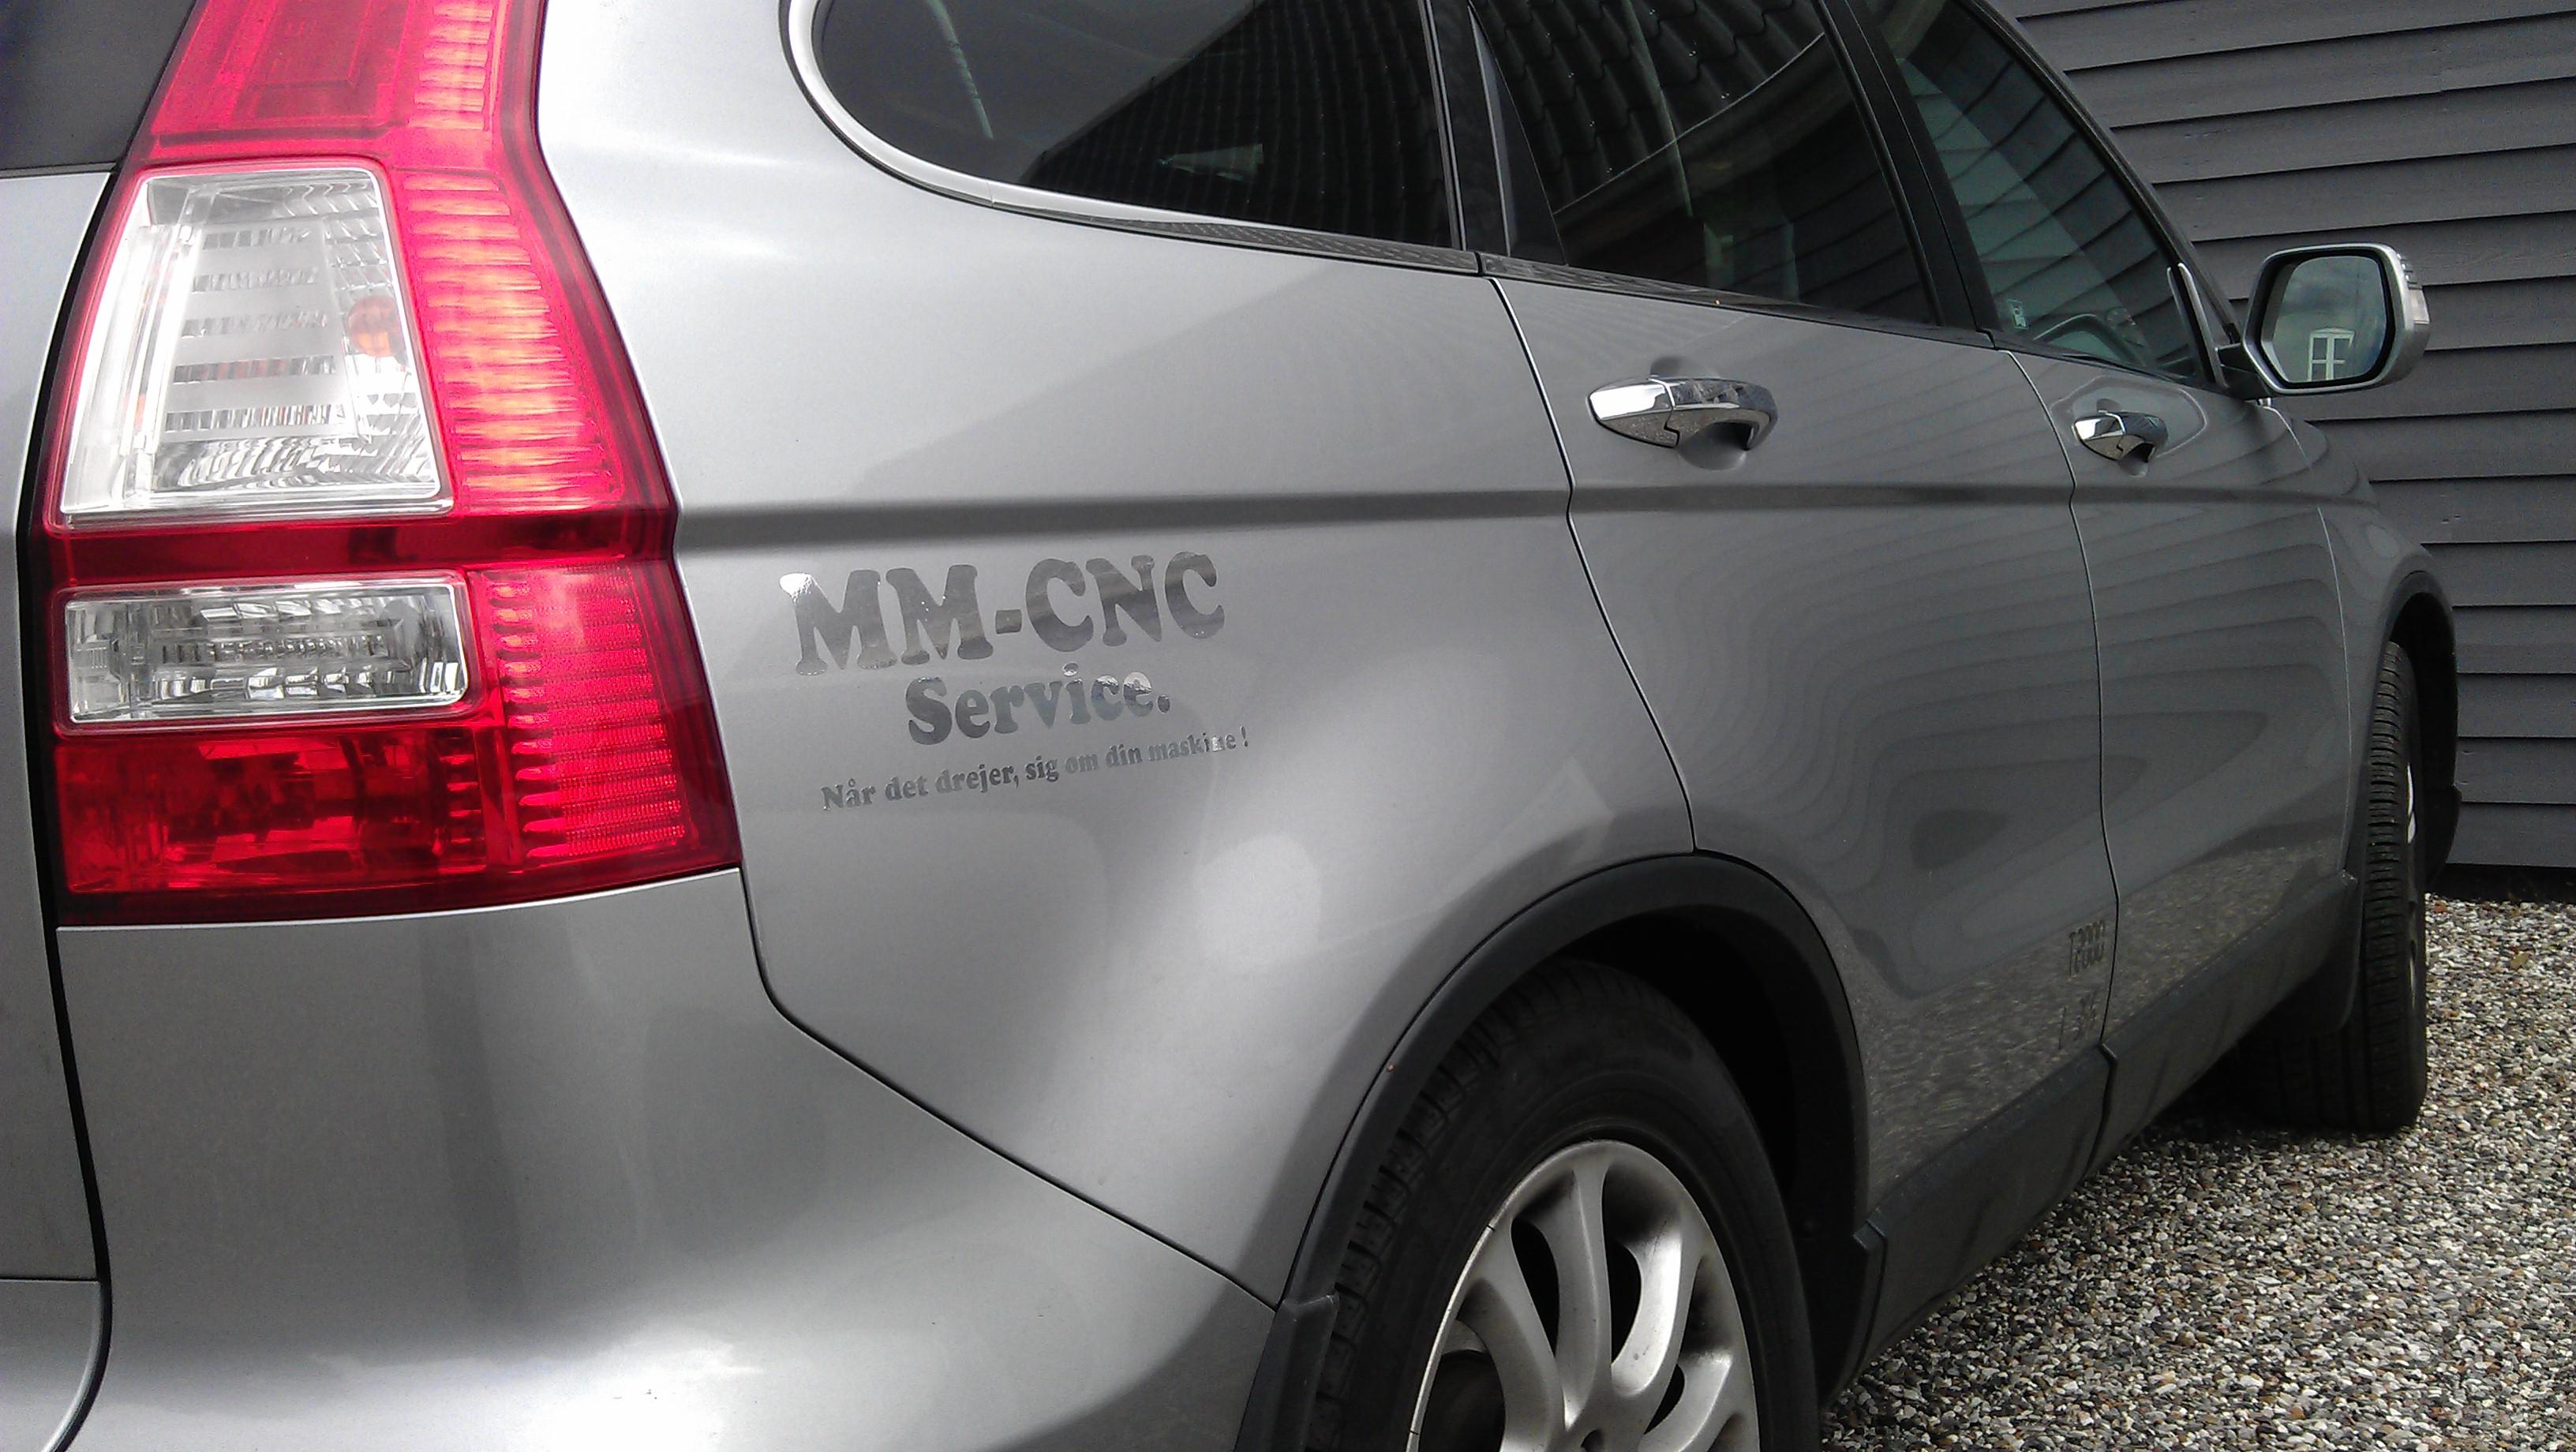 MM CNC bil